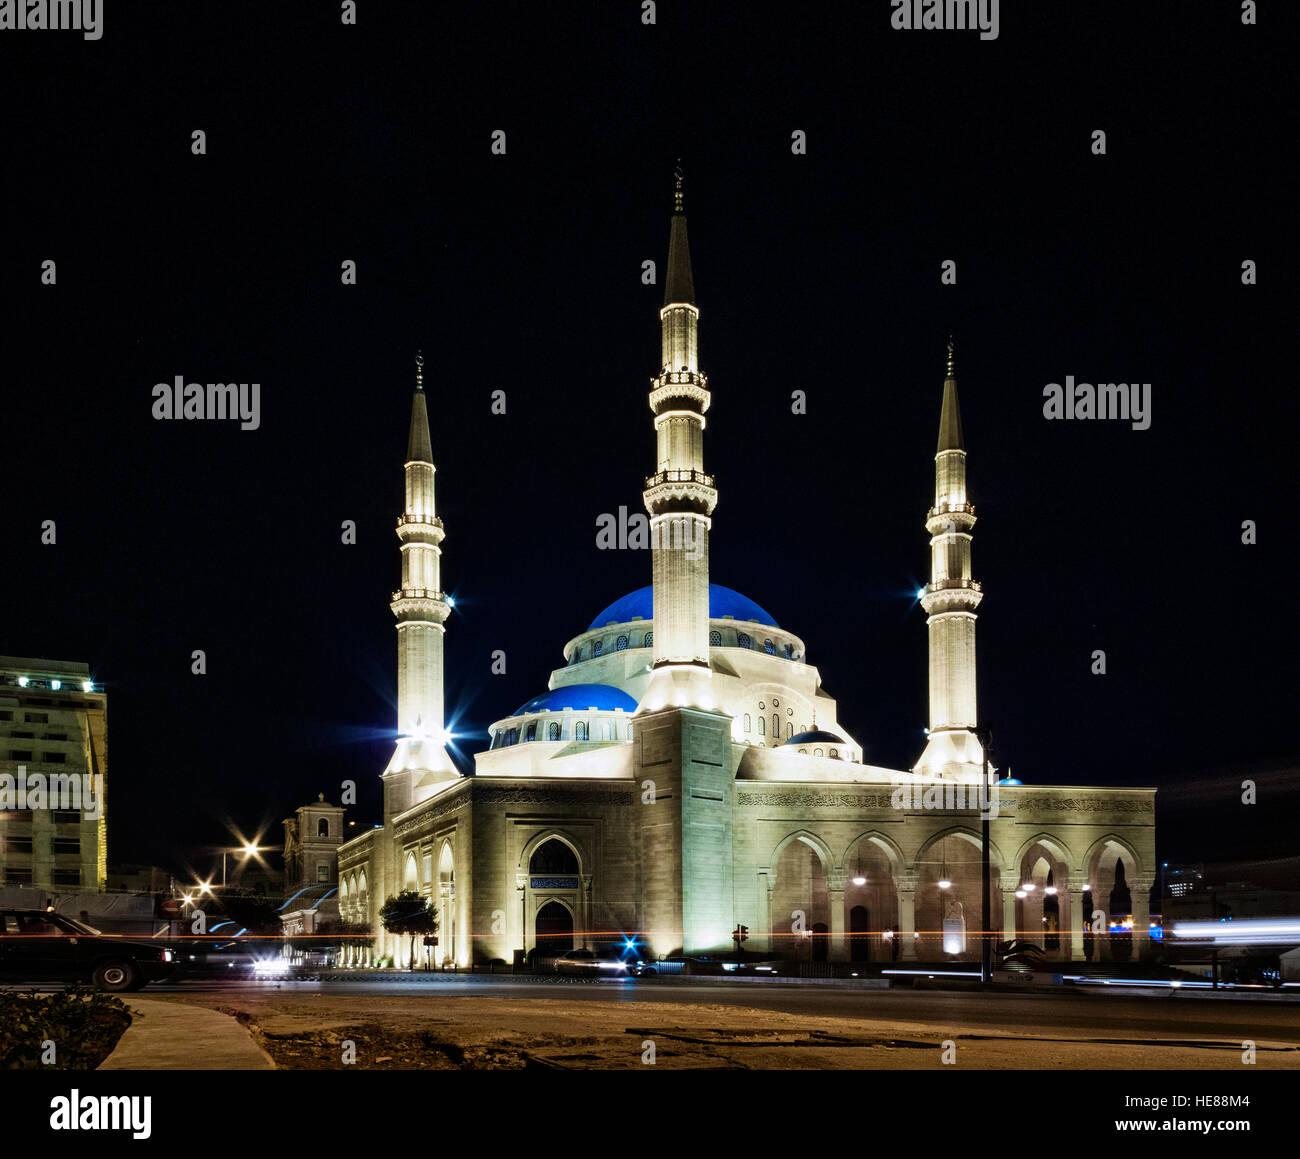 Mohammad Al Amin mezquita en el centro histórico de la ciudad de Beirut en el Líbano en la noche Imagen De Stock